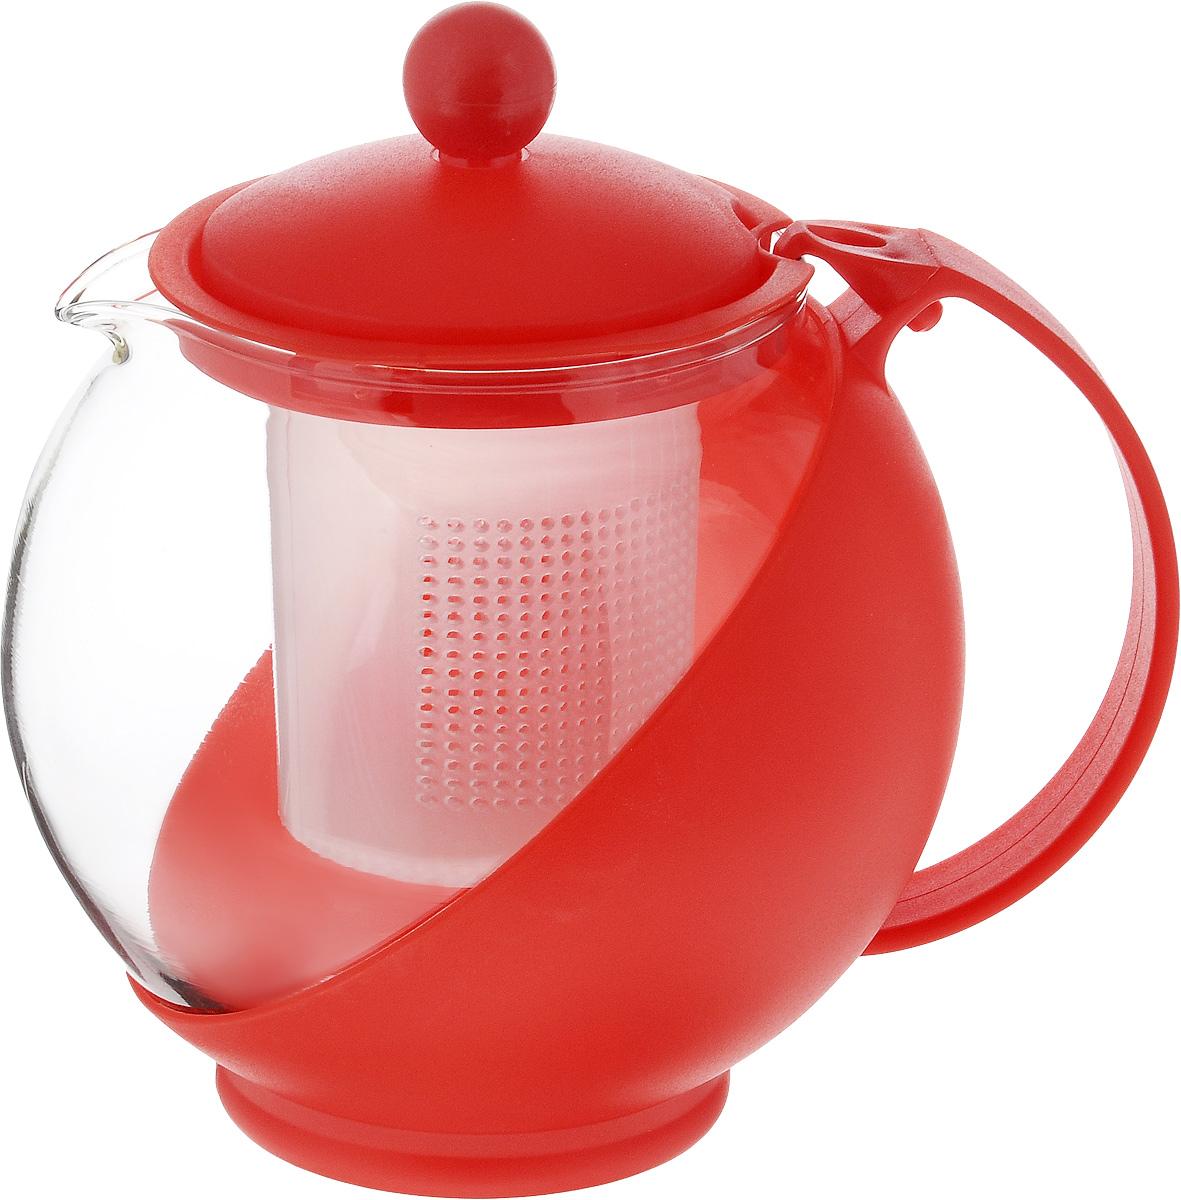 Чайник заварочный Wellberg Aqual, с фильтром, цвет: прозрачный, красный, 750 мл325 WBЗаварочный чайник Wellberg Aqual изготовлен извысококачественного пластика и жаропрочногостекла. Чайник имеет пластиковый фильтр и оснащенудобной ручкой. Он прекрасно подойдет для завариваниячая и травяных напитков.Такой заварочный чайник займет достойное место навашей кухне. Высота чайника (без учета крышки): 11,5 см. Высота чайника (с учетом крышки): 14 см.Диаметр (по верхнему краю): 8 см.